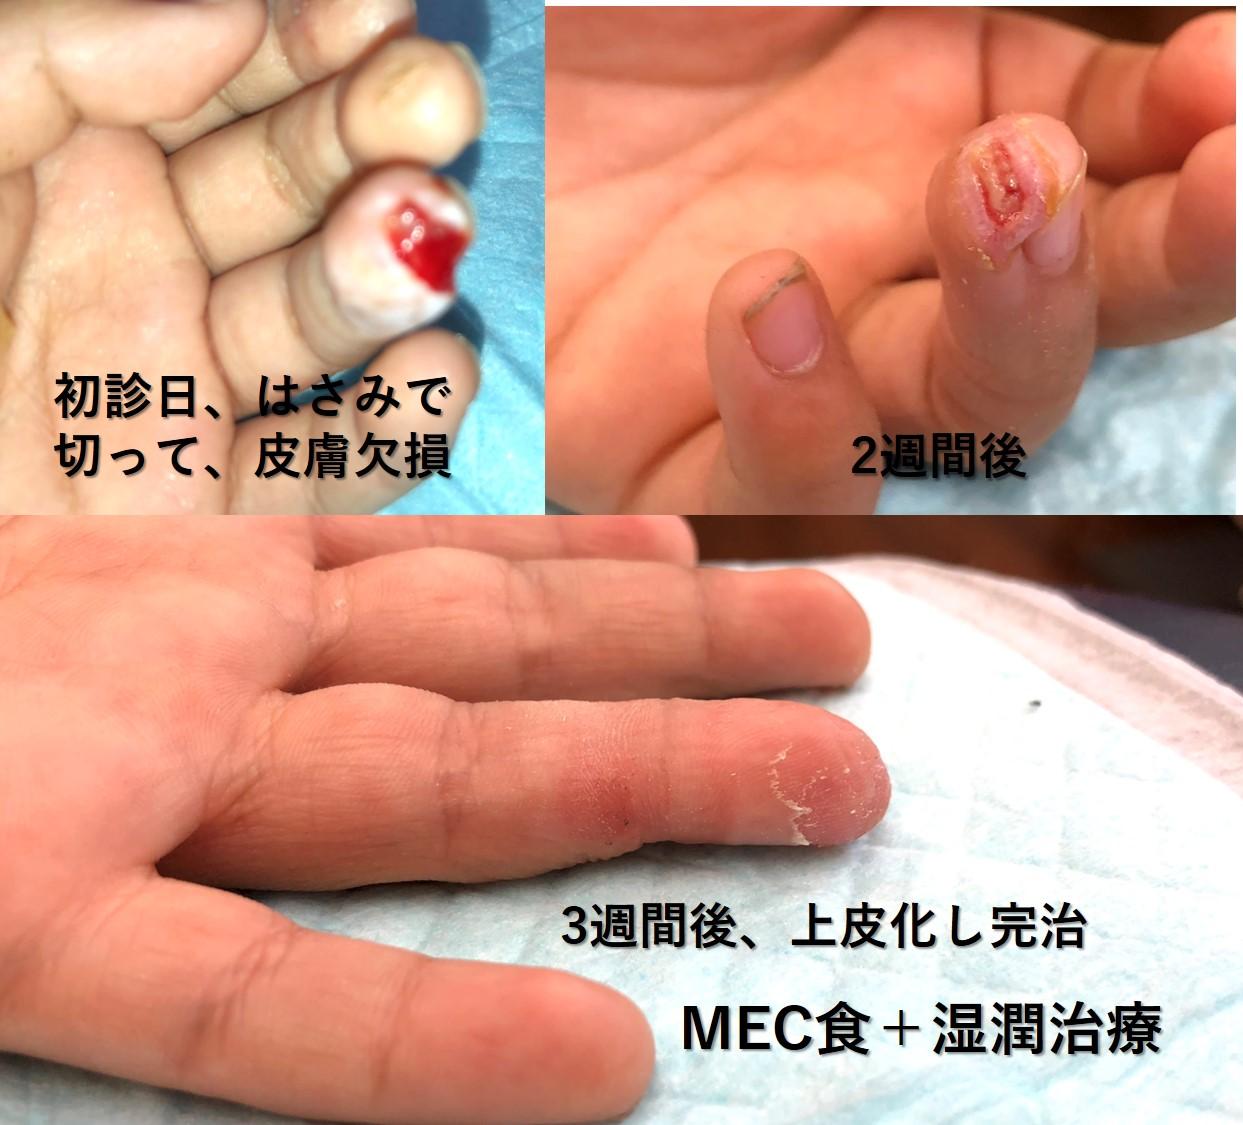 MEC食と湿潤治療